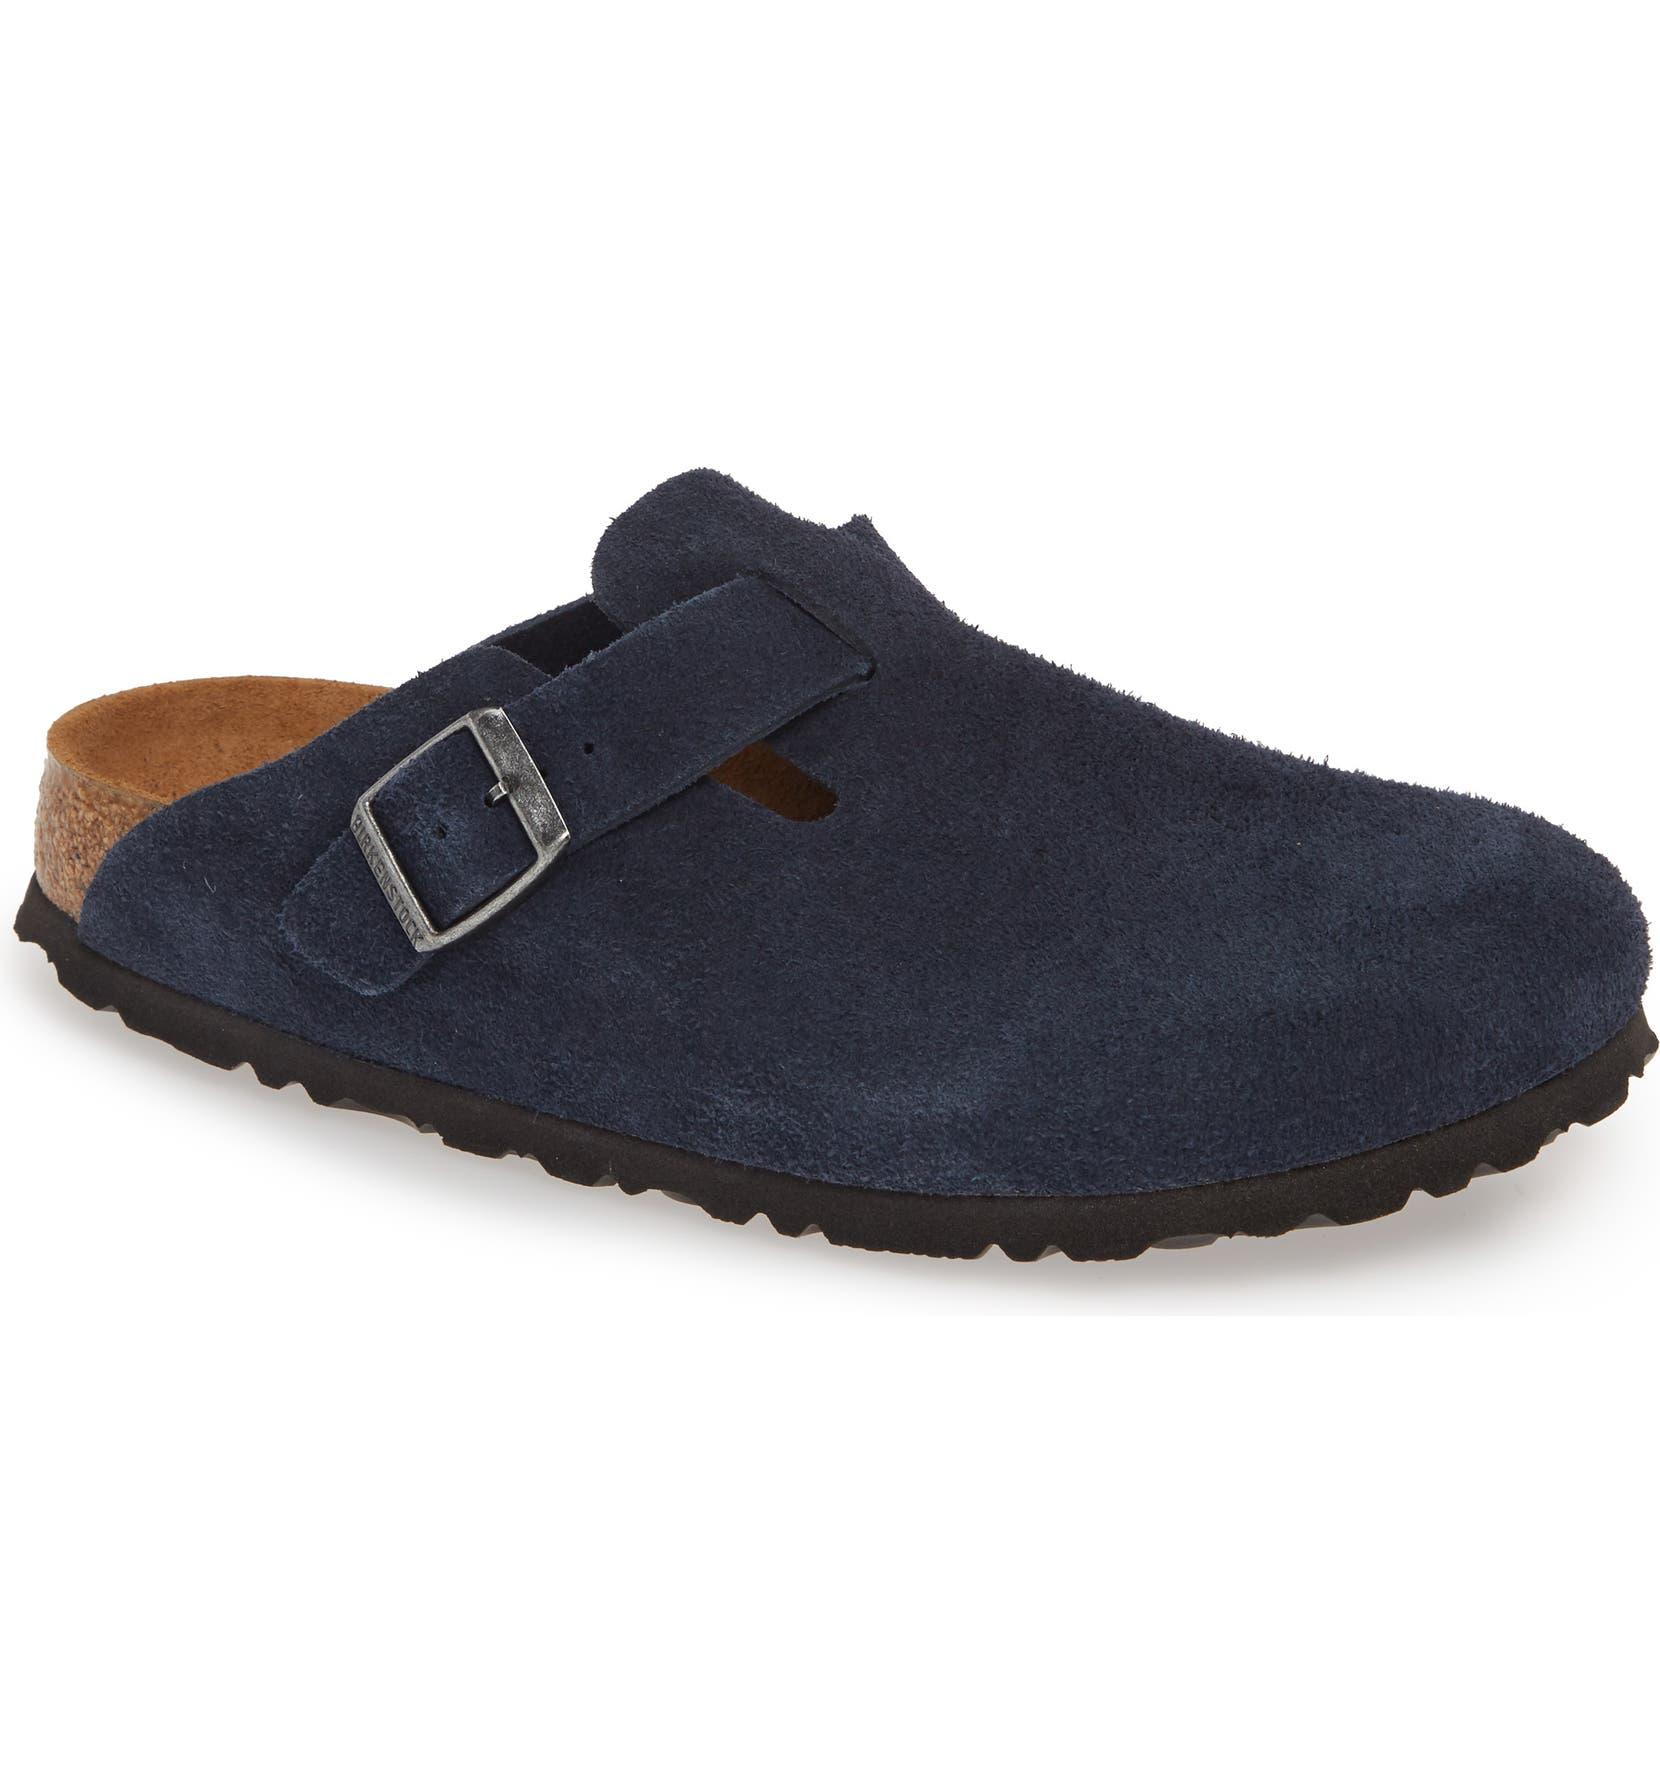 82fdf8978162c 'Boston' Soft Footbed Clog